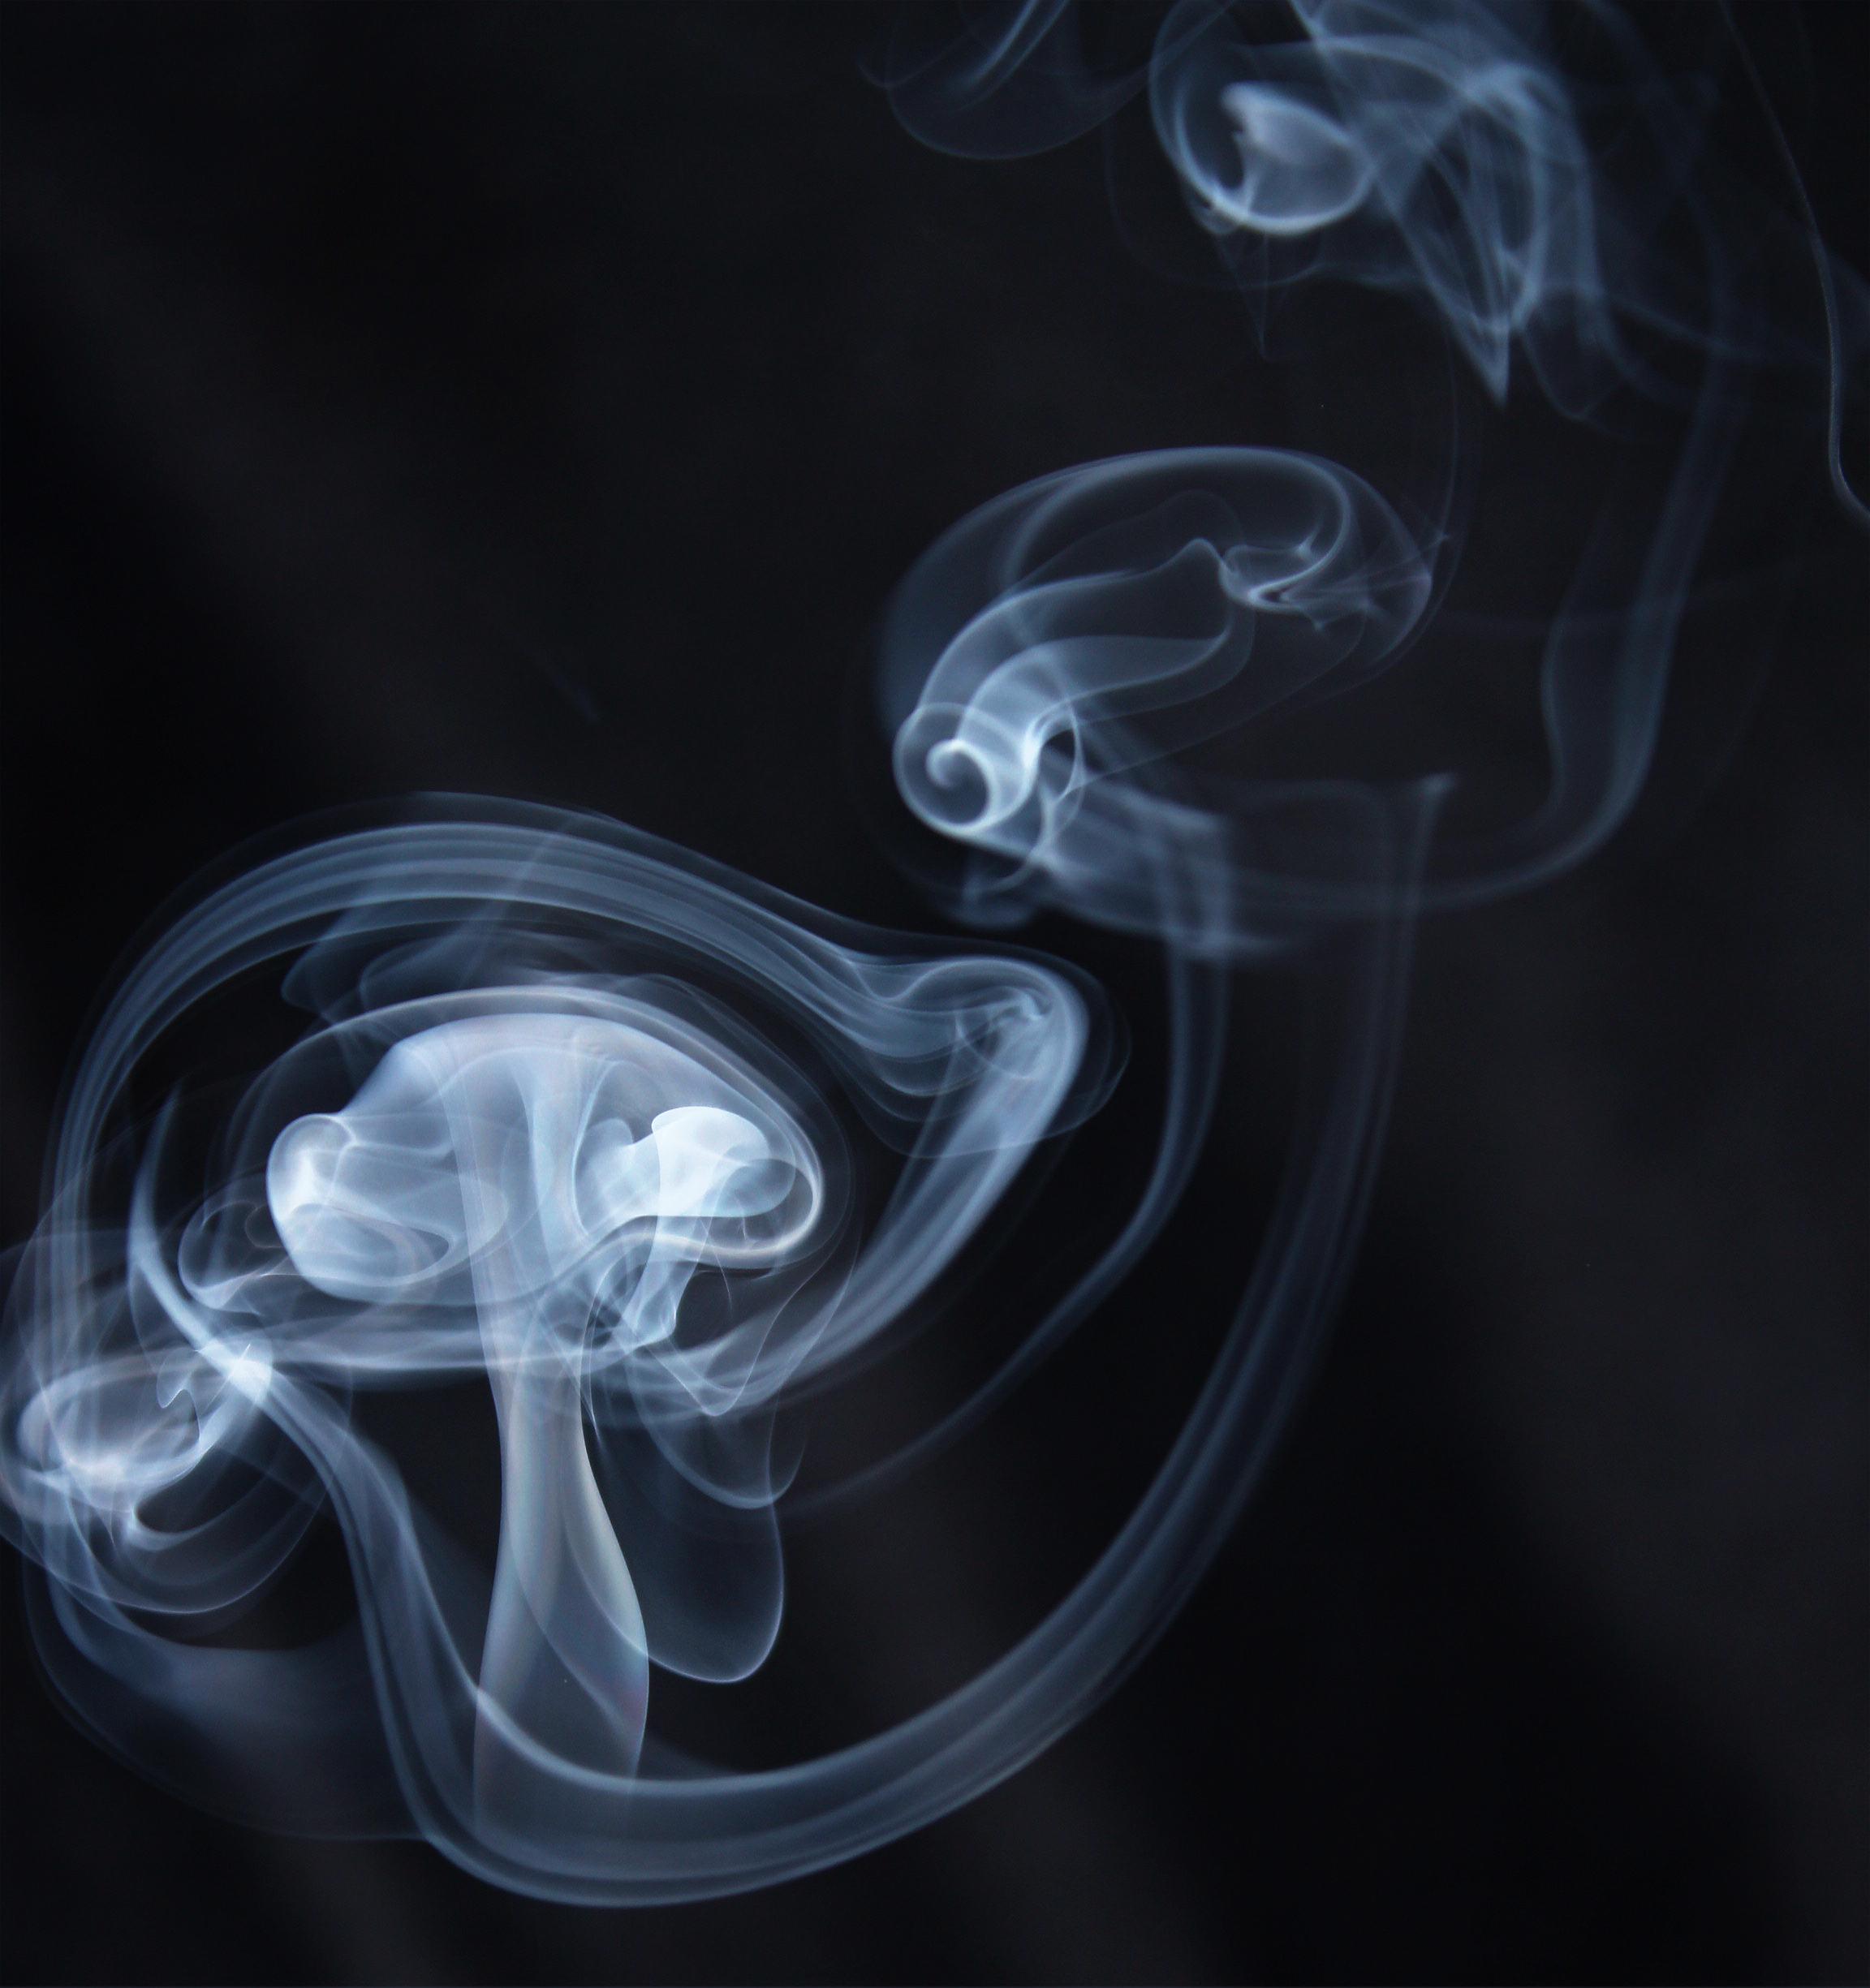 smoke photos 5